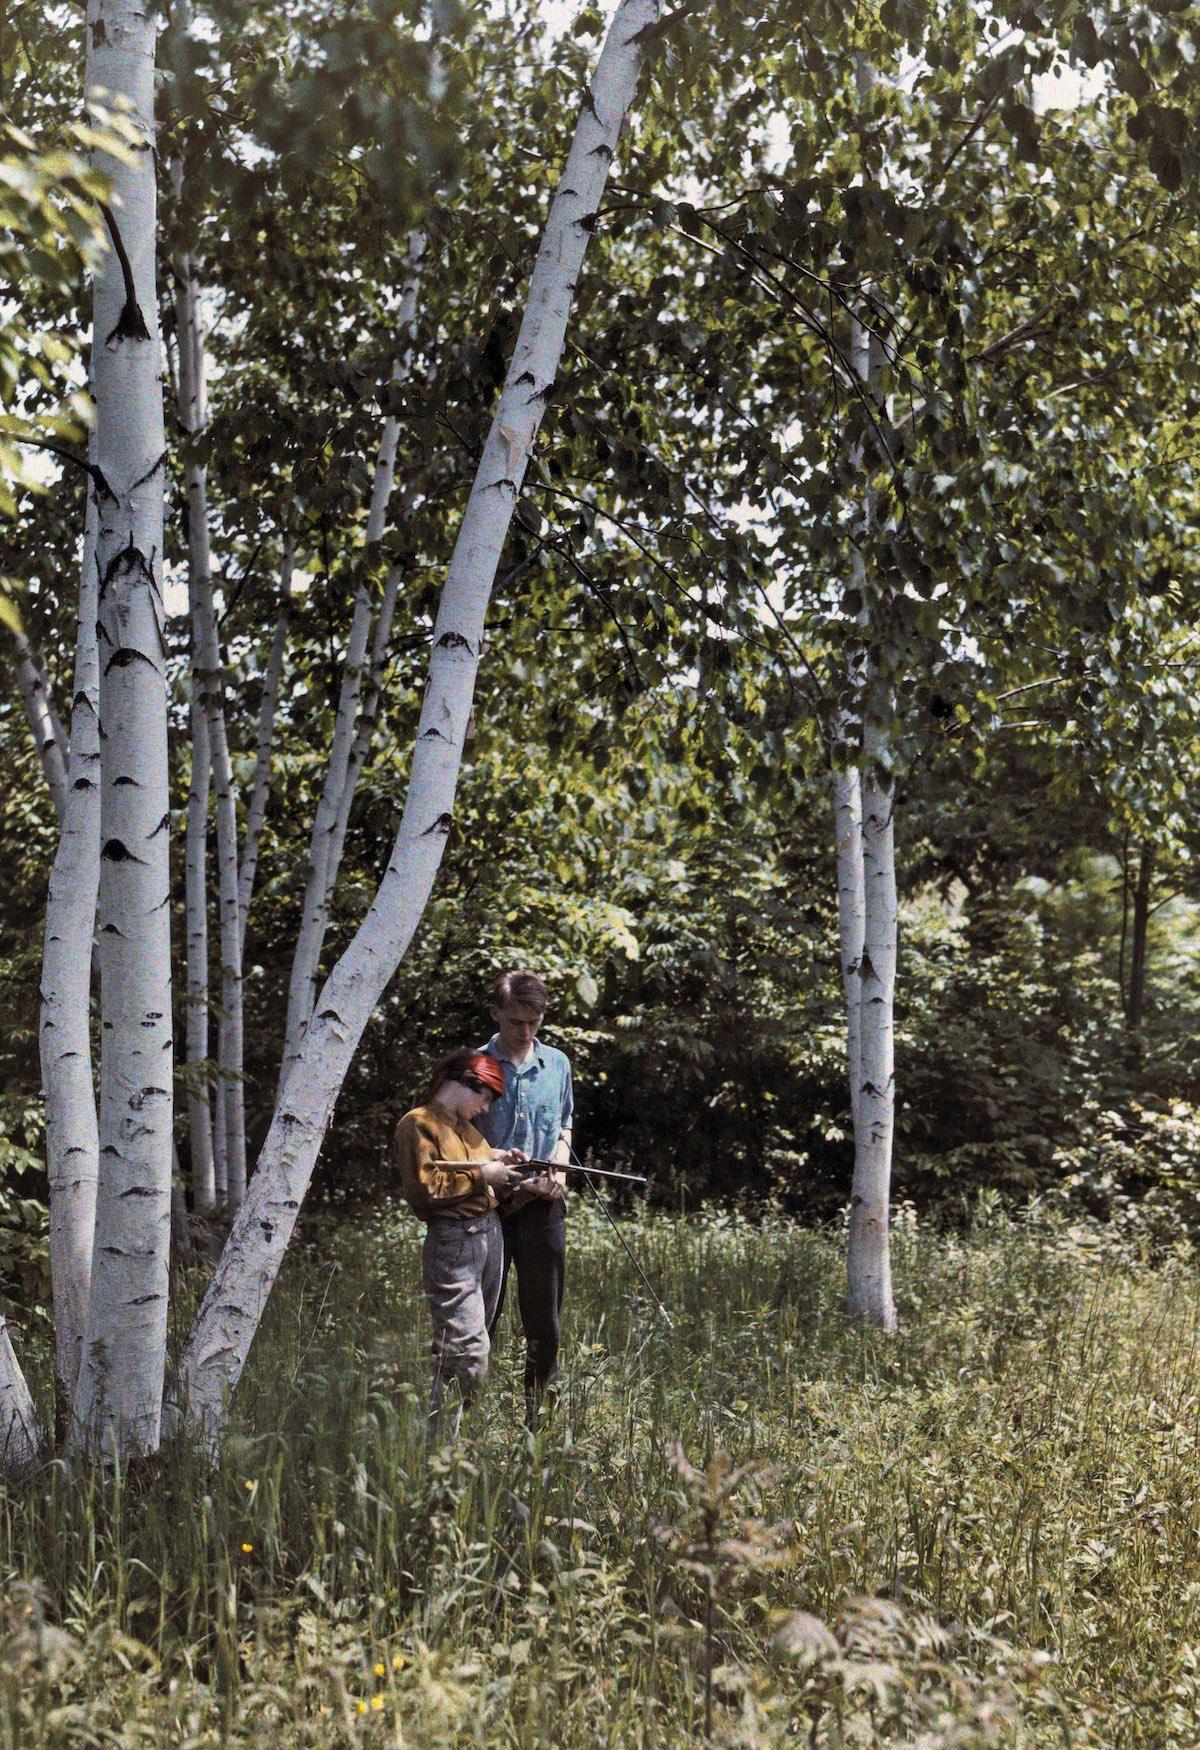 США в начале ХХ века - 50 цветных автохромных фотографий - 10